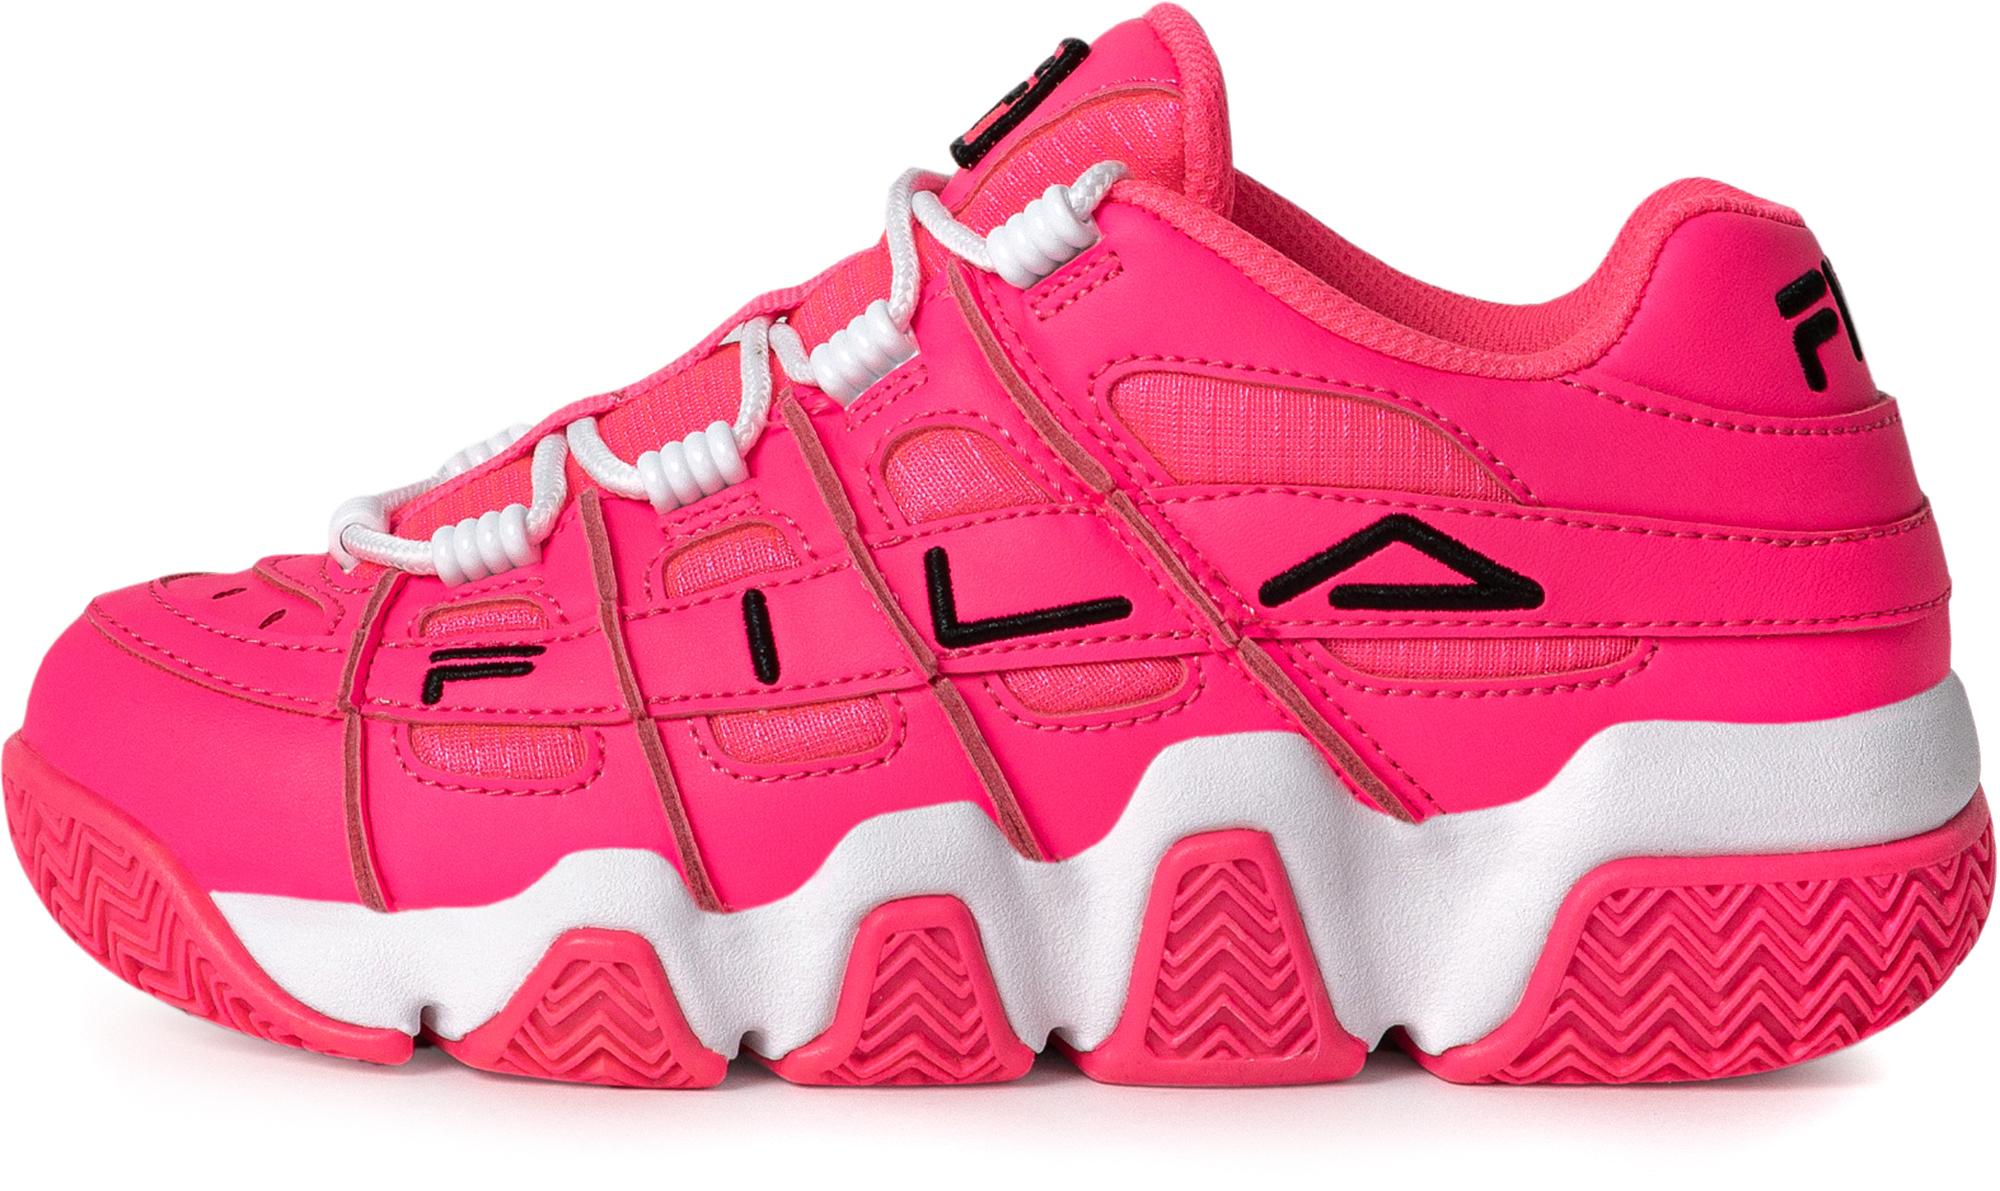 Кроссовки для девочек FILA Uproot, размер 37